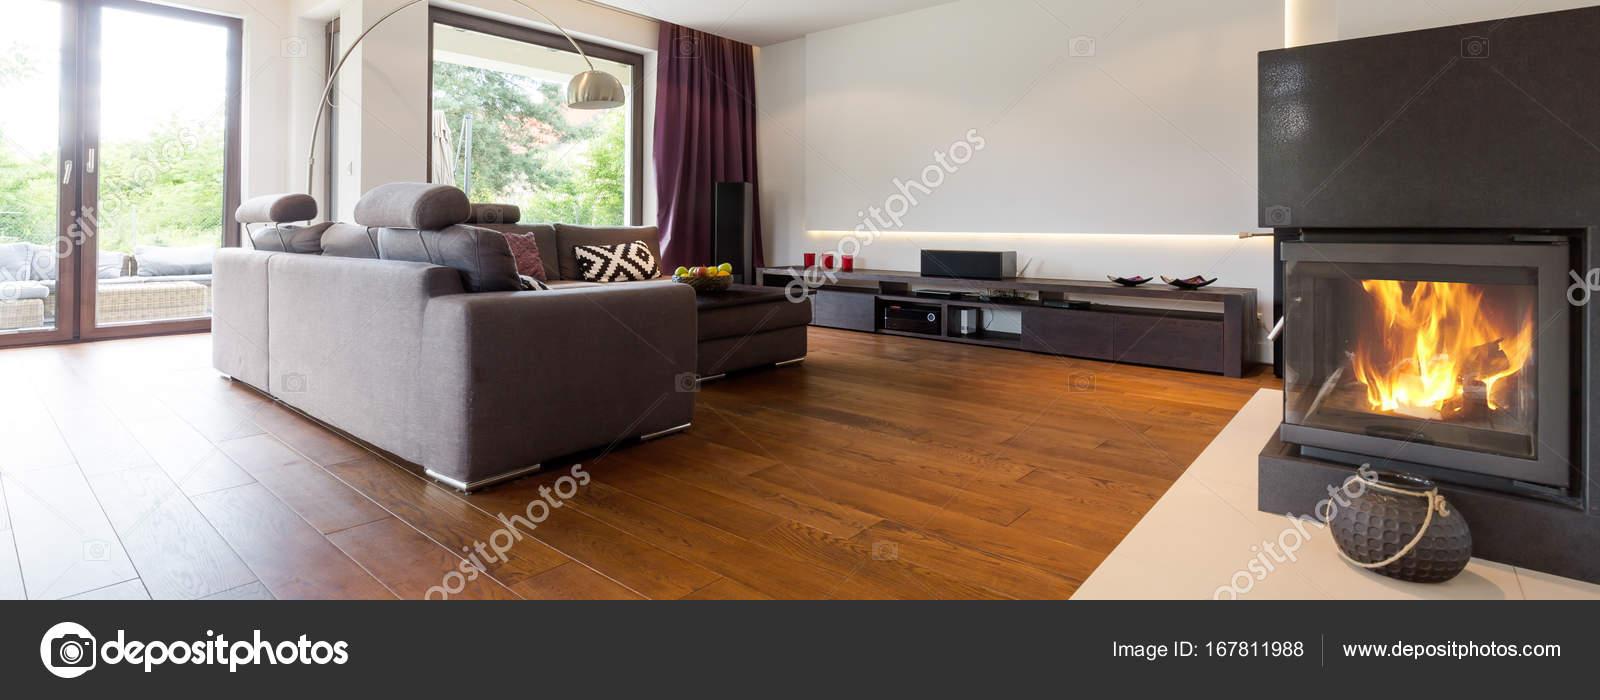 Exklusive Wohnzimmer Stockfoto C Photographee Eu 167811988